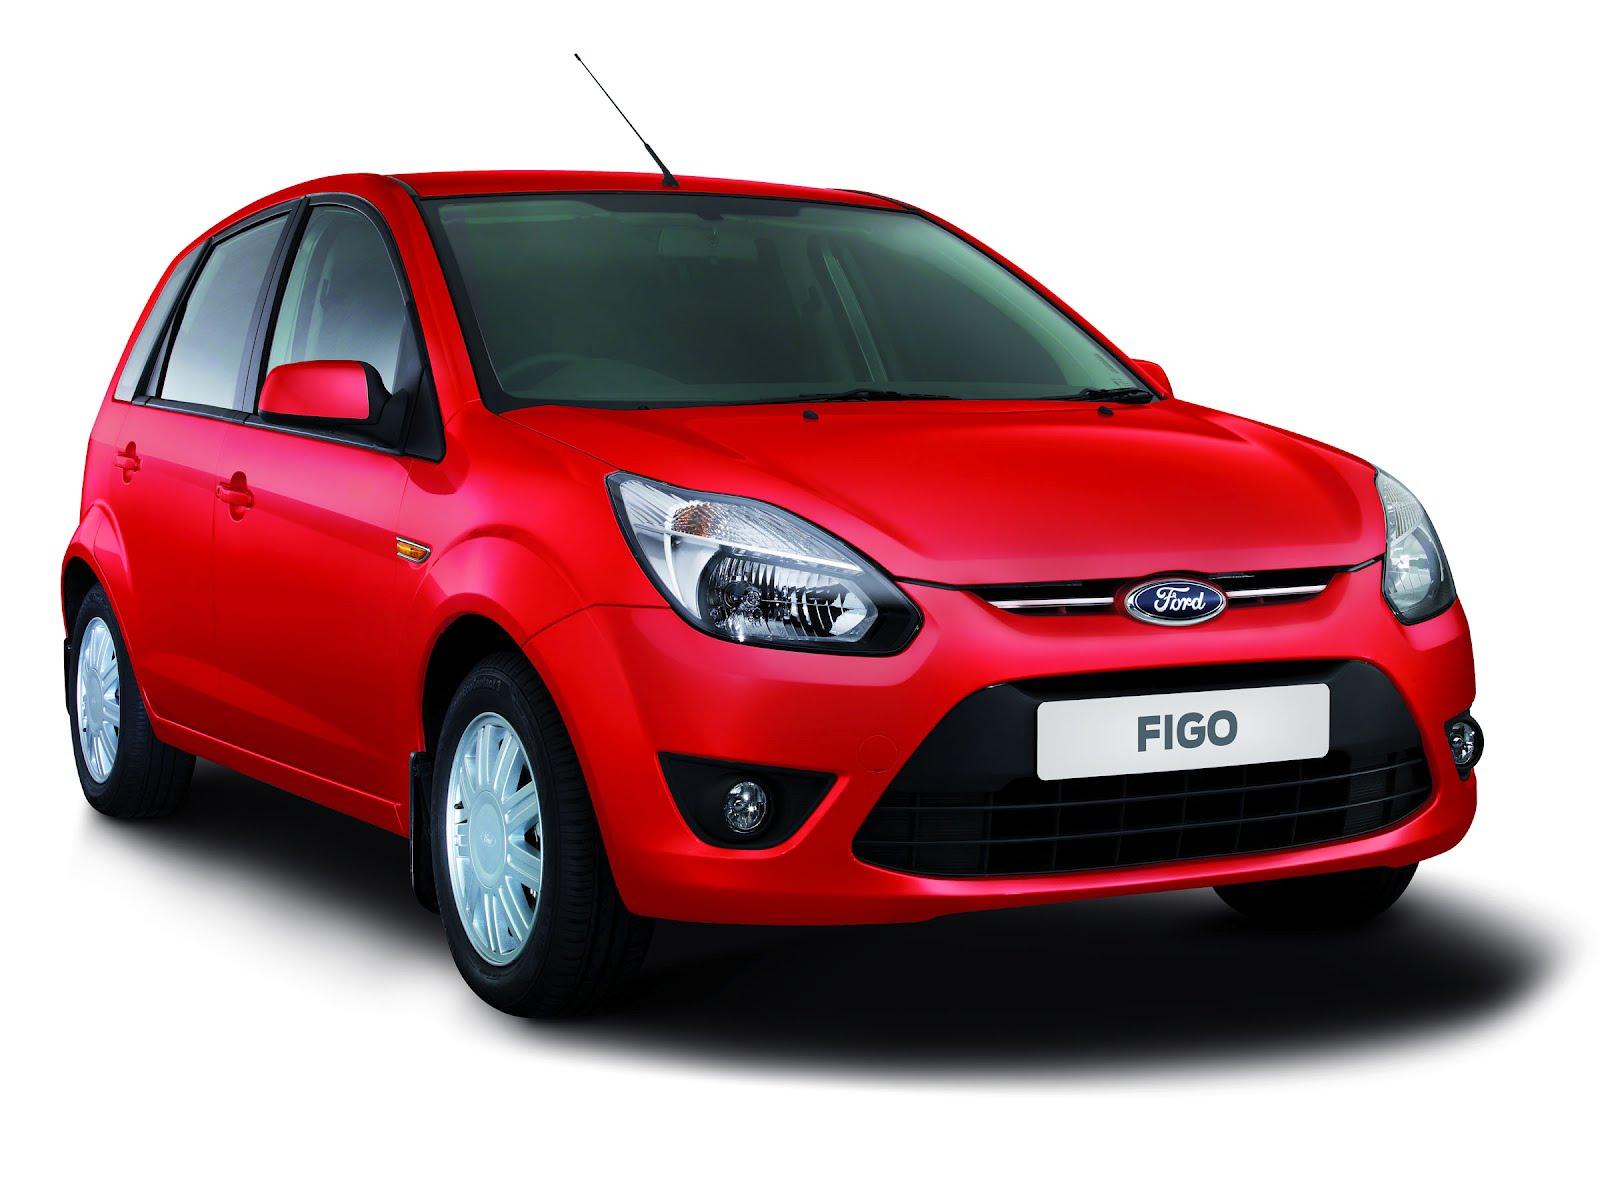 Ford_Figo_Red